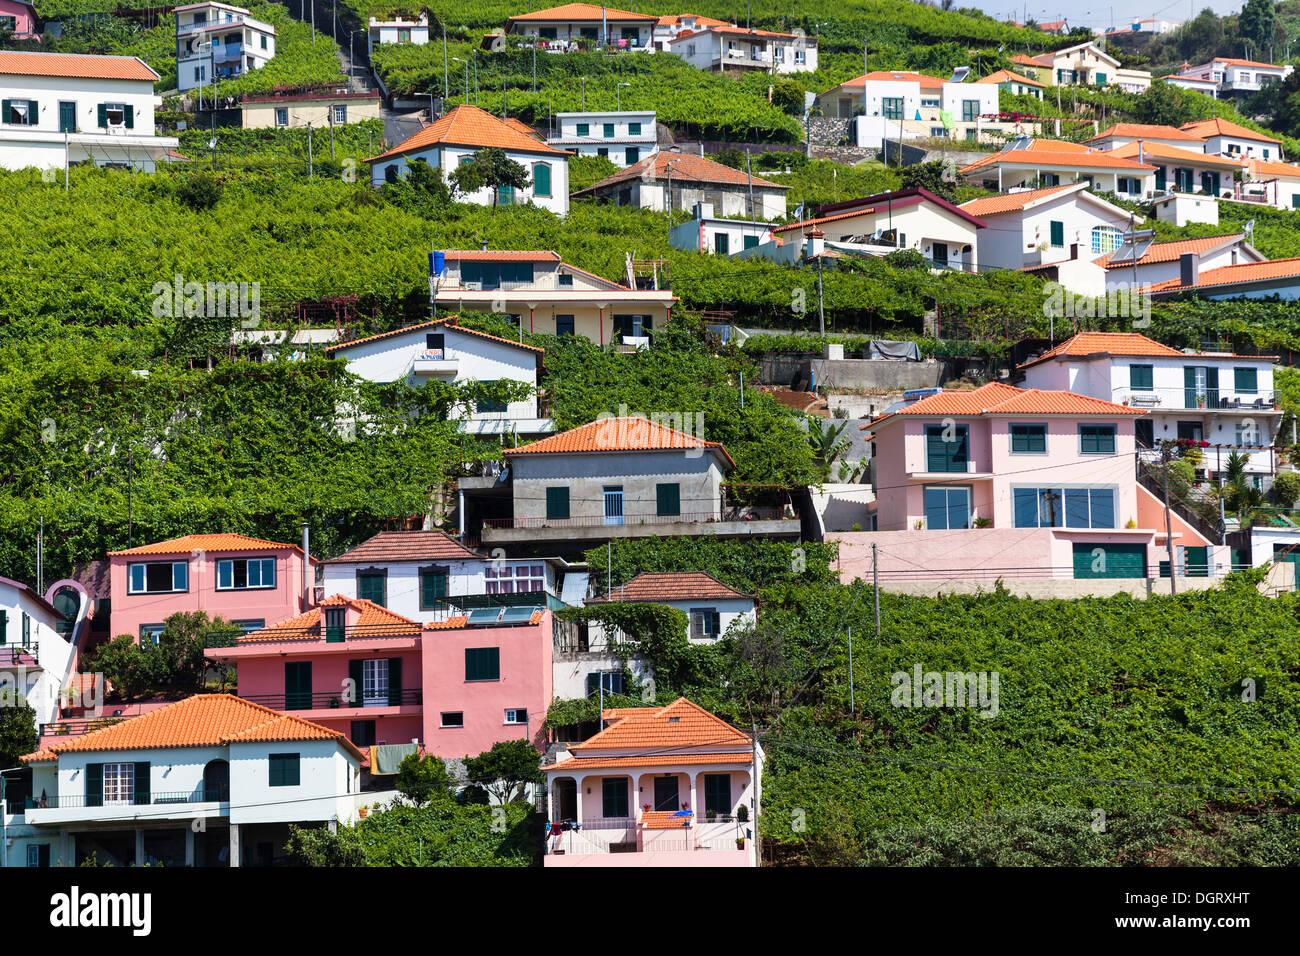 Le case colorate di Câmara de Lobos, Funchal, Estreito de Câmara de Lobos, Ilha da Madeira, Portogallo Foto Stock